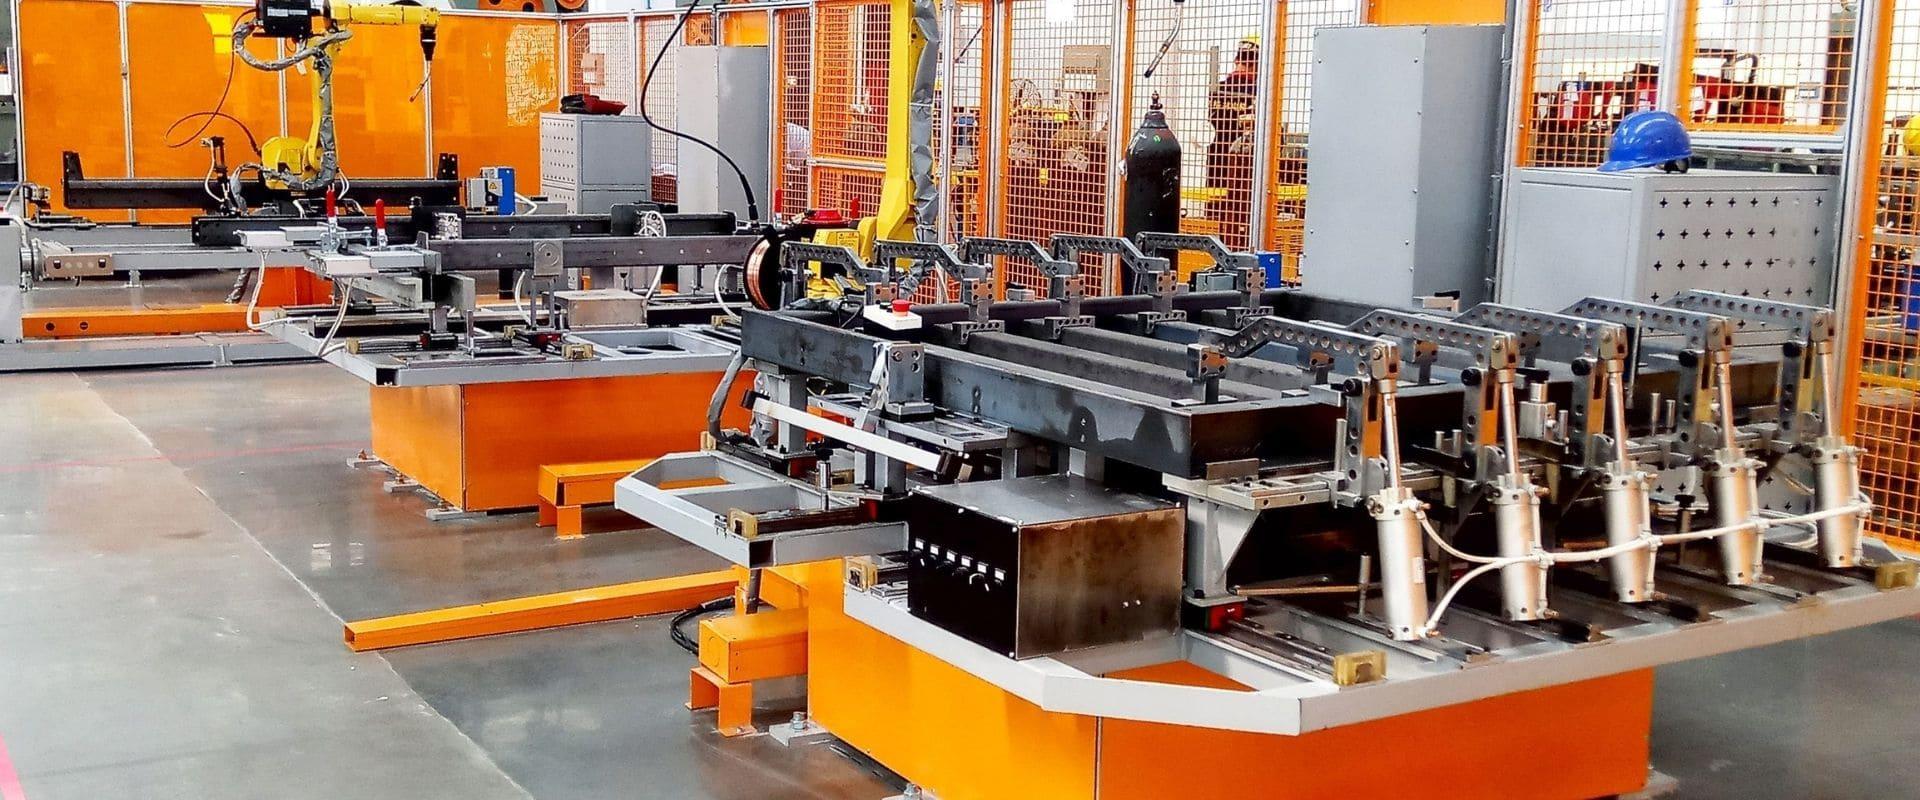 Лифты грузовые грузоподъемностью 2000 кг